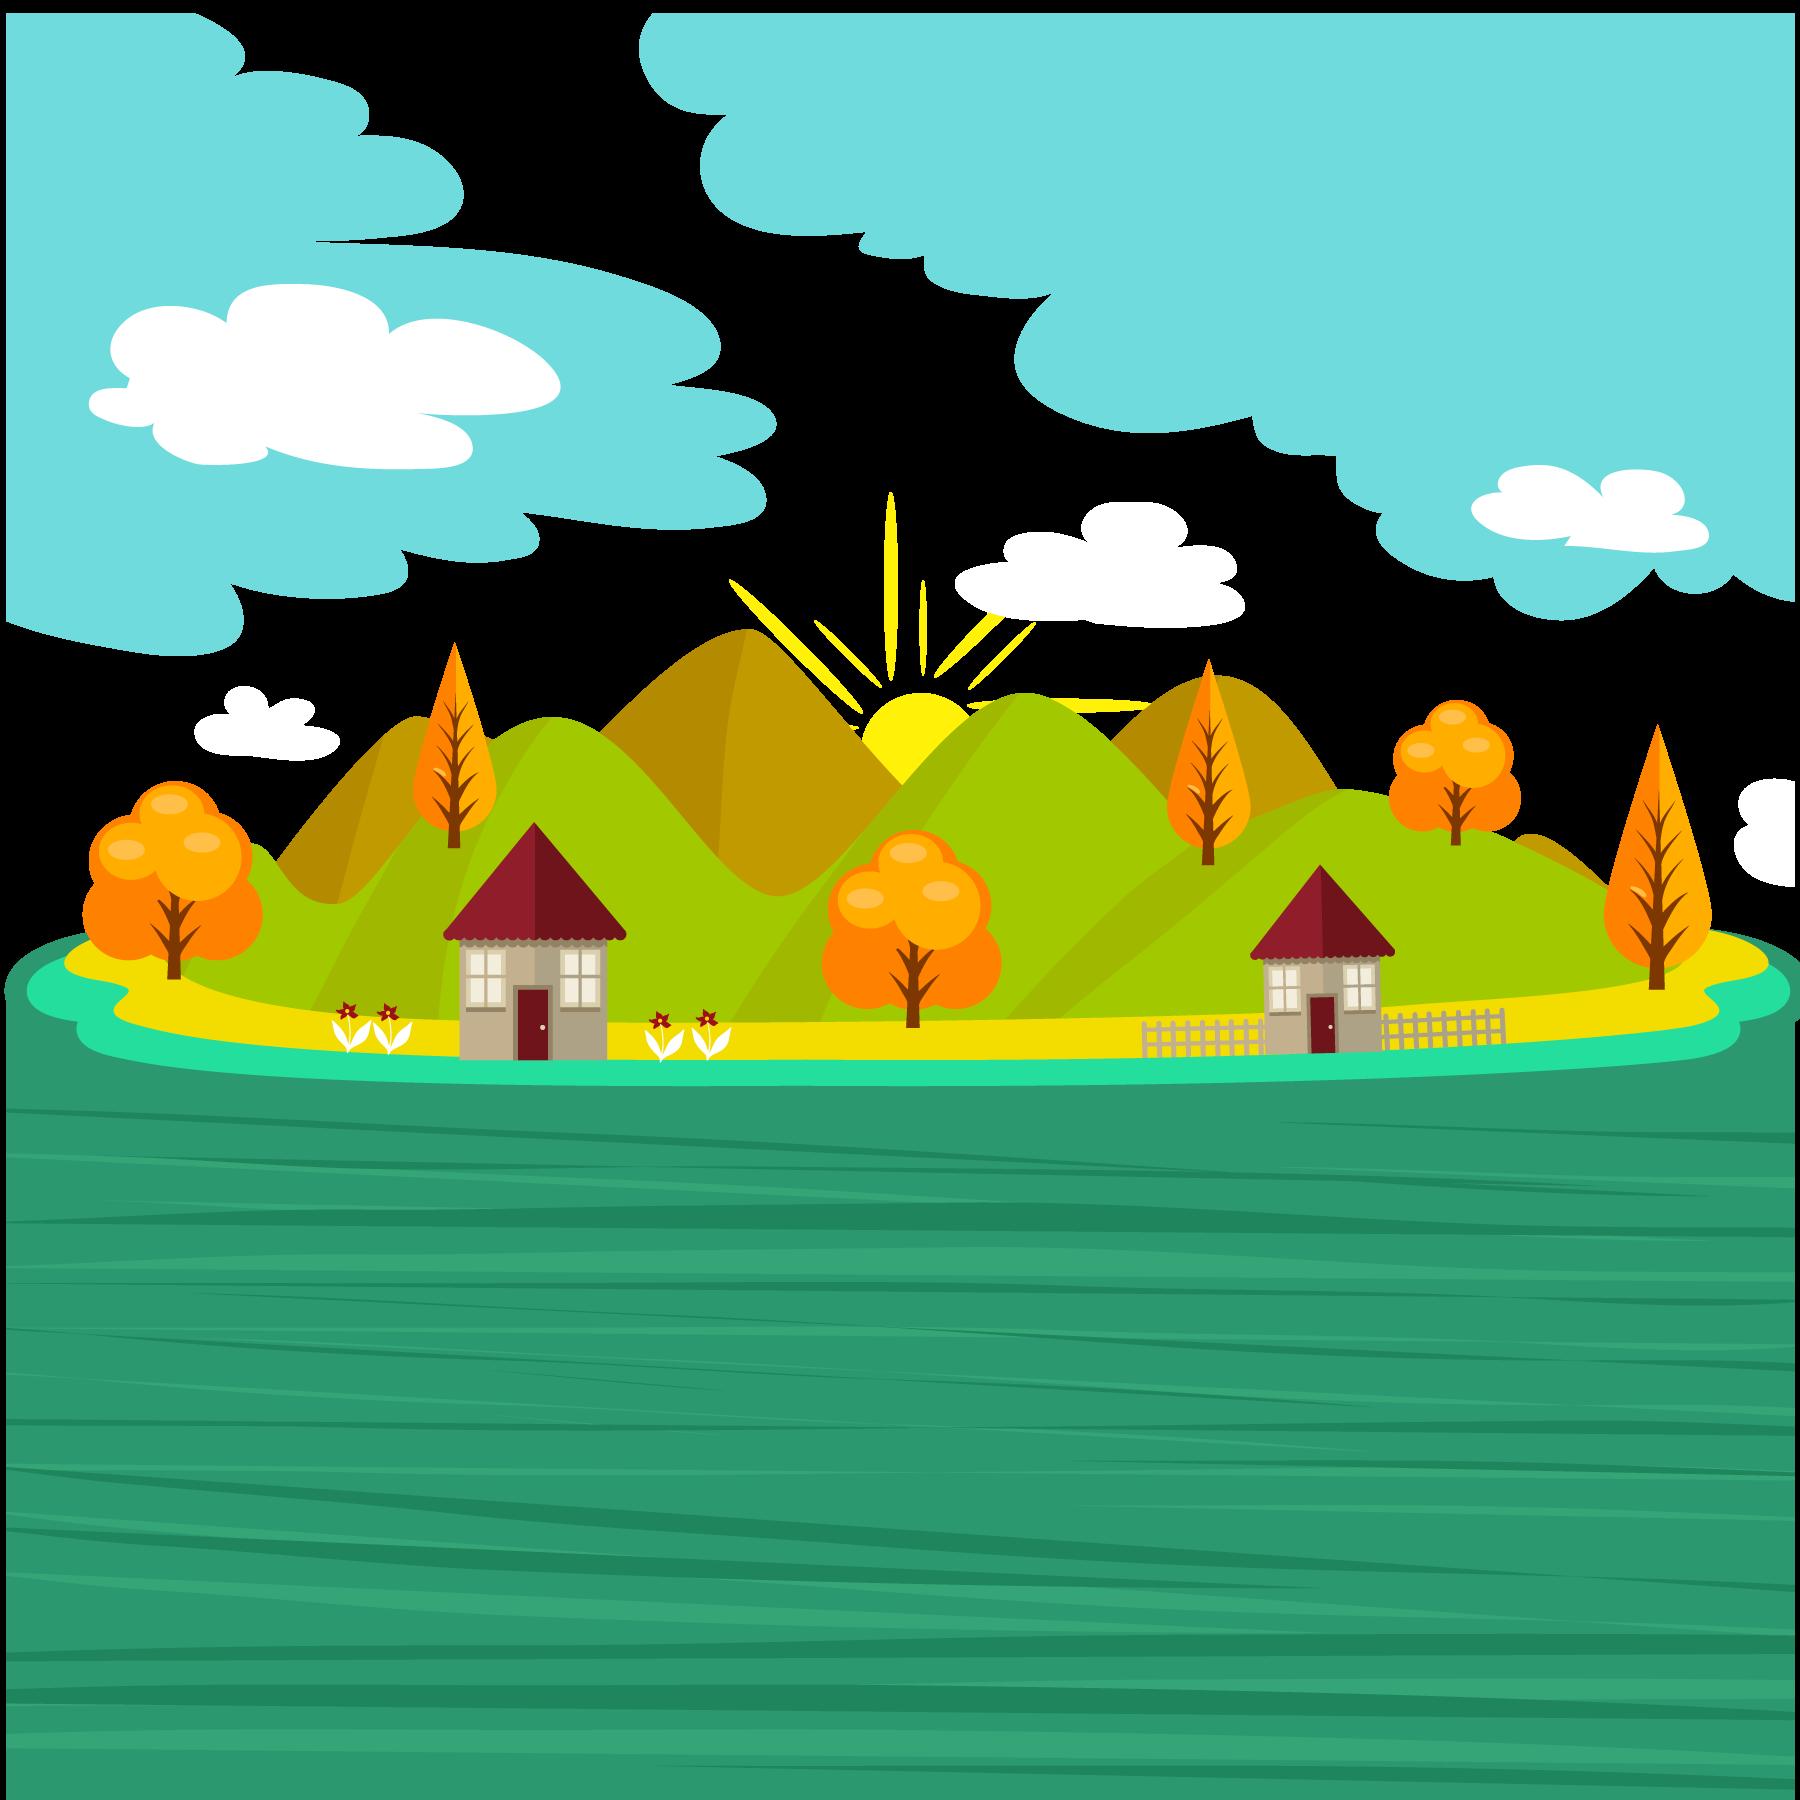 jpg free download Vector river. Cartoon illustration green small